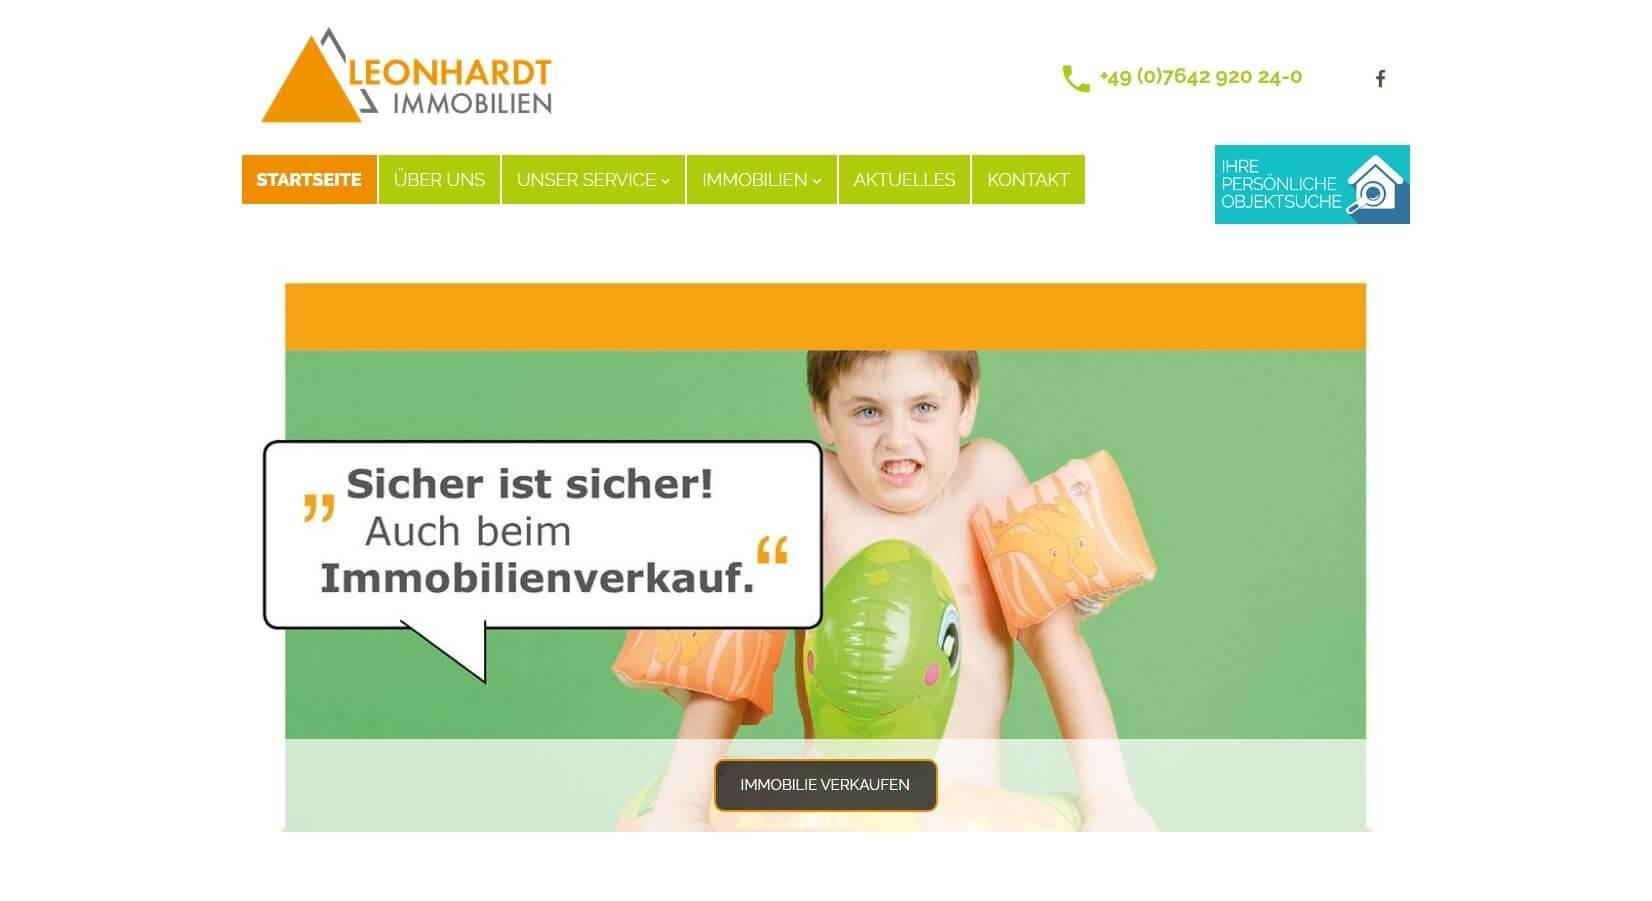 Screenshot Leonhardt Immobilien